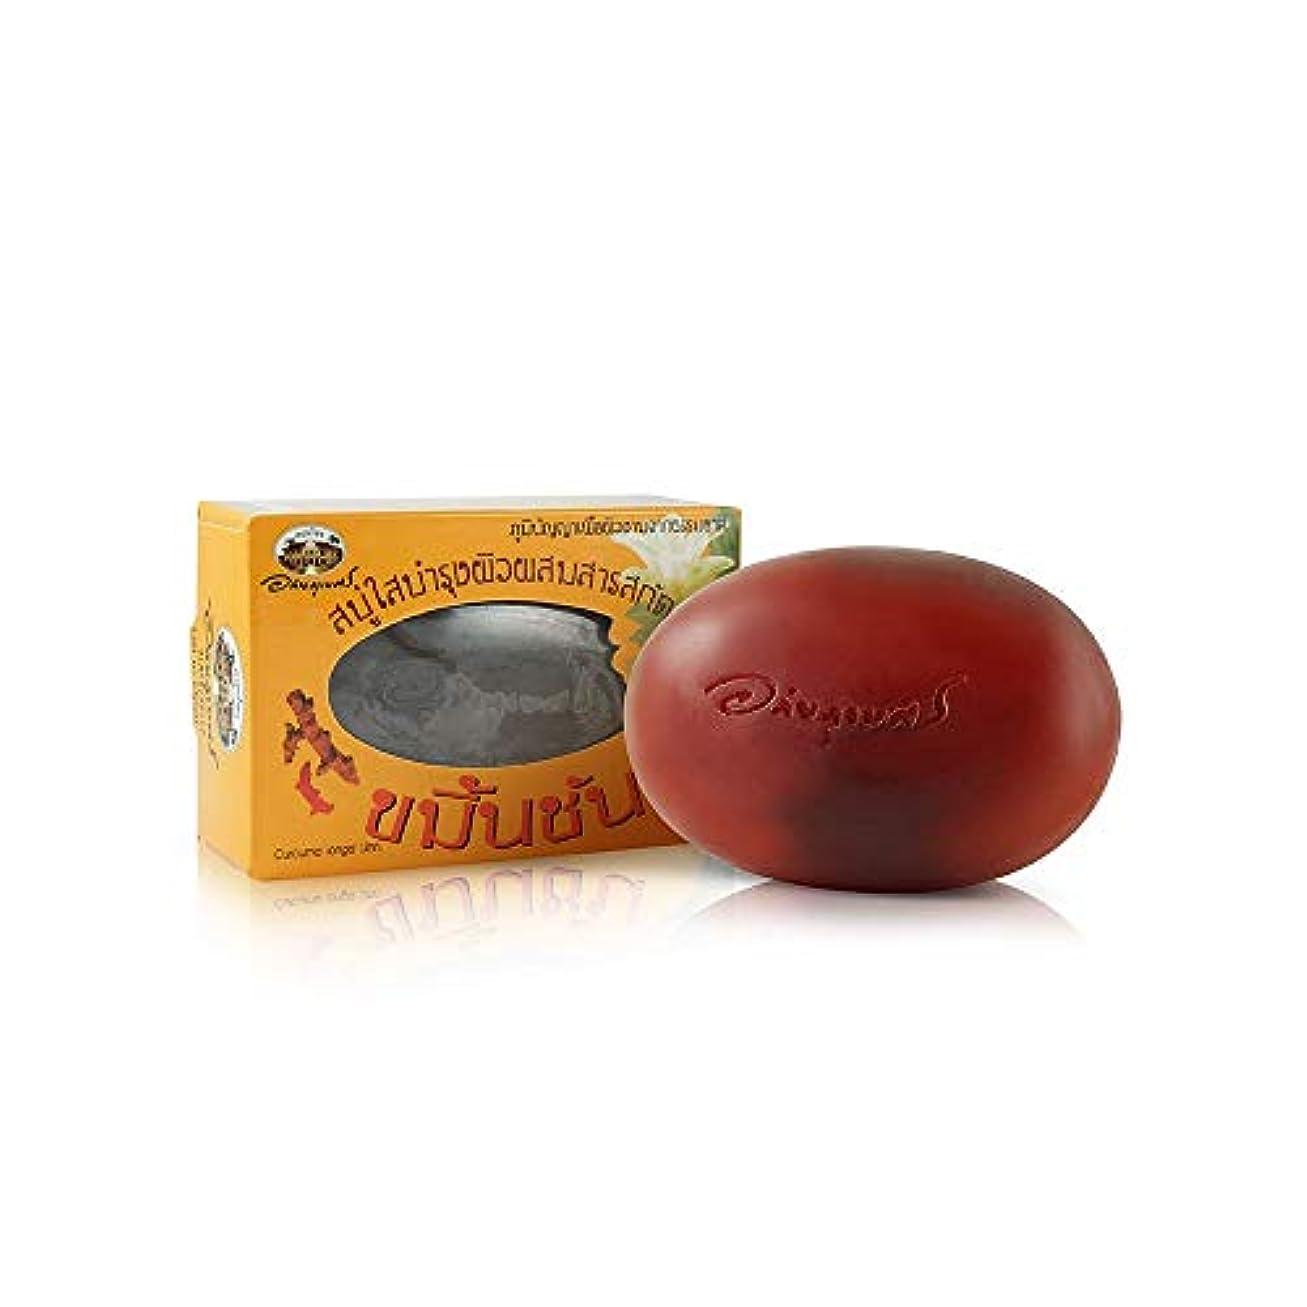 ゆりかご痴漢脈拍Abhaibhubejhr Turmeric Vitamin E Herbal Body Cleansing Soap 100g. Abhaibhubejhrターメリックハーブボディクレンジングソープ100グラム。